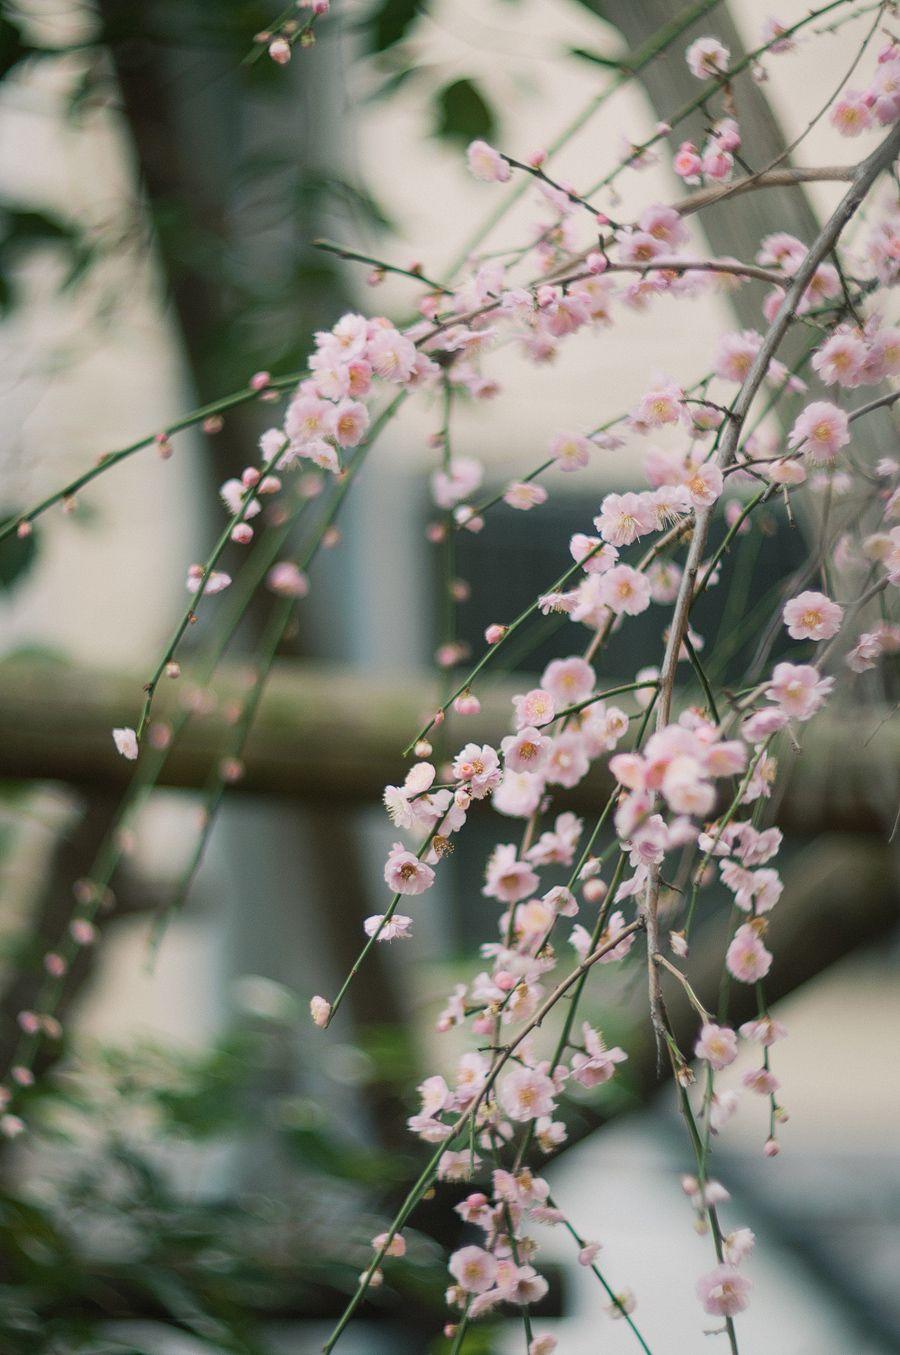 Ume Blossoms in Taura Kanagawa Japanese cherry blossom